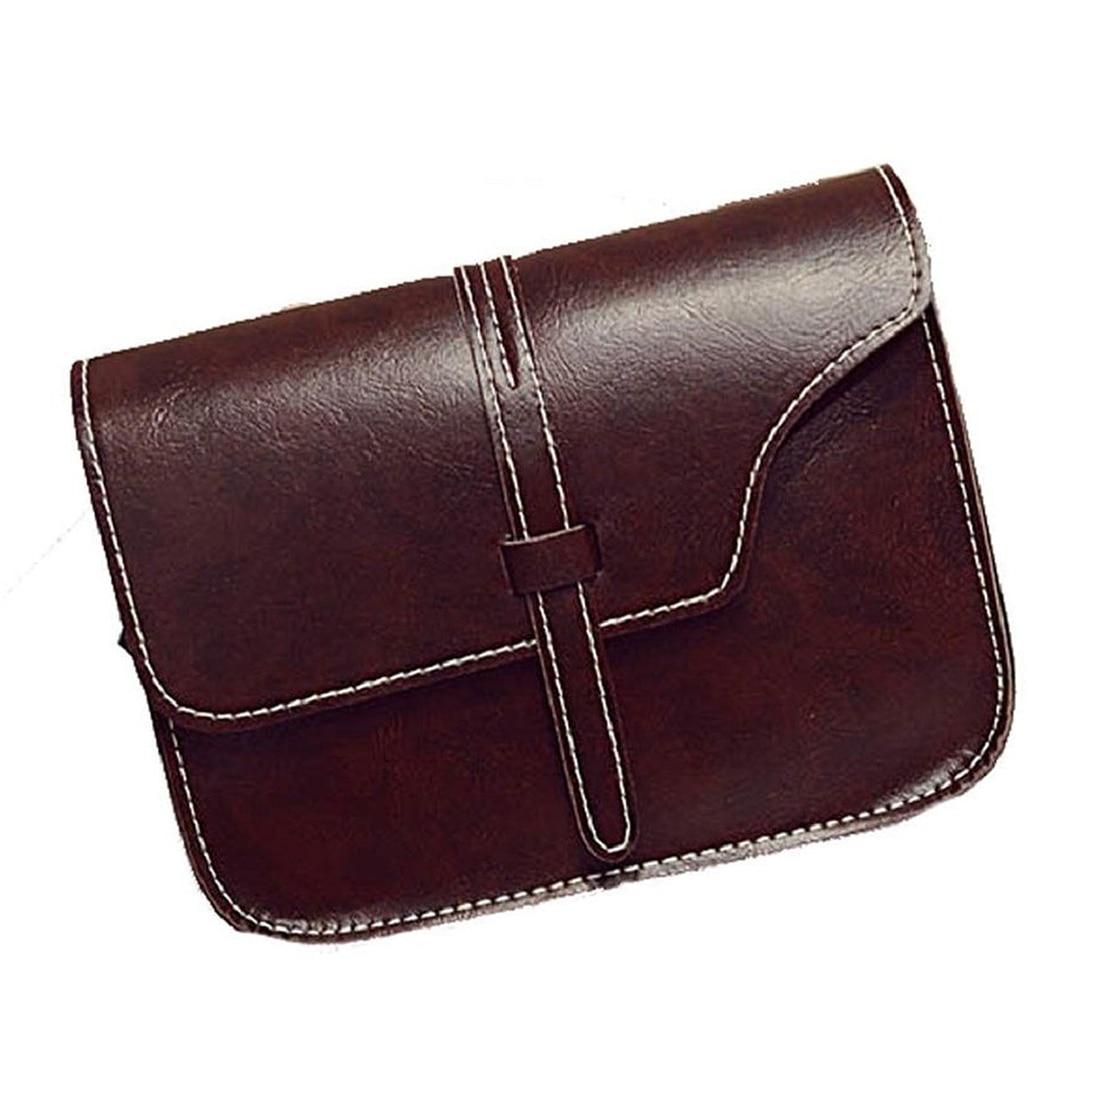 Для женщин девушка сумка Портфели Искусственная кожа crossbody Сумка (темно-коричневый)